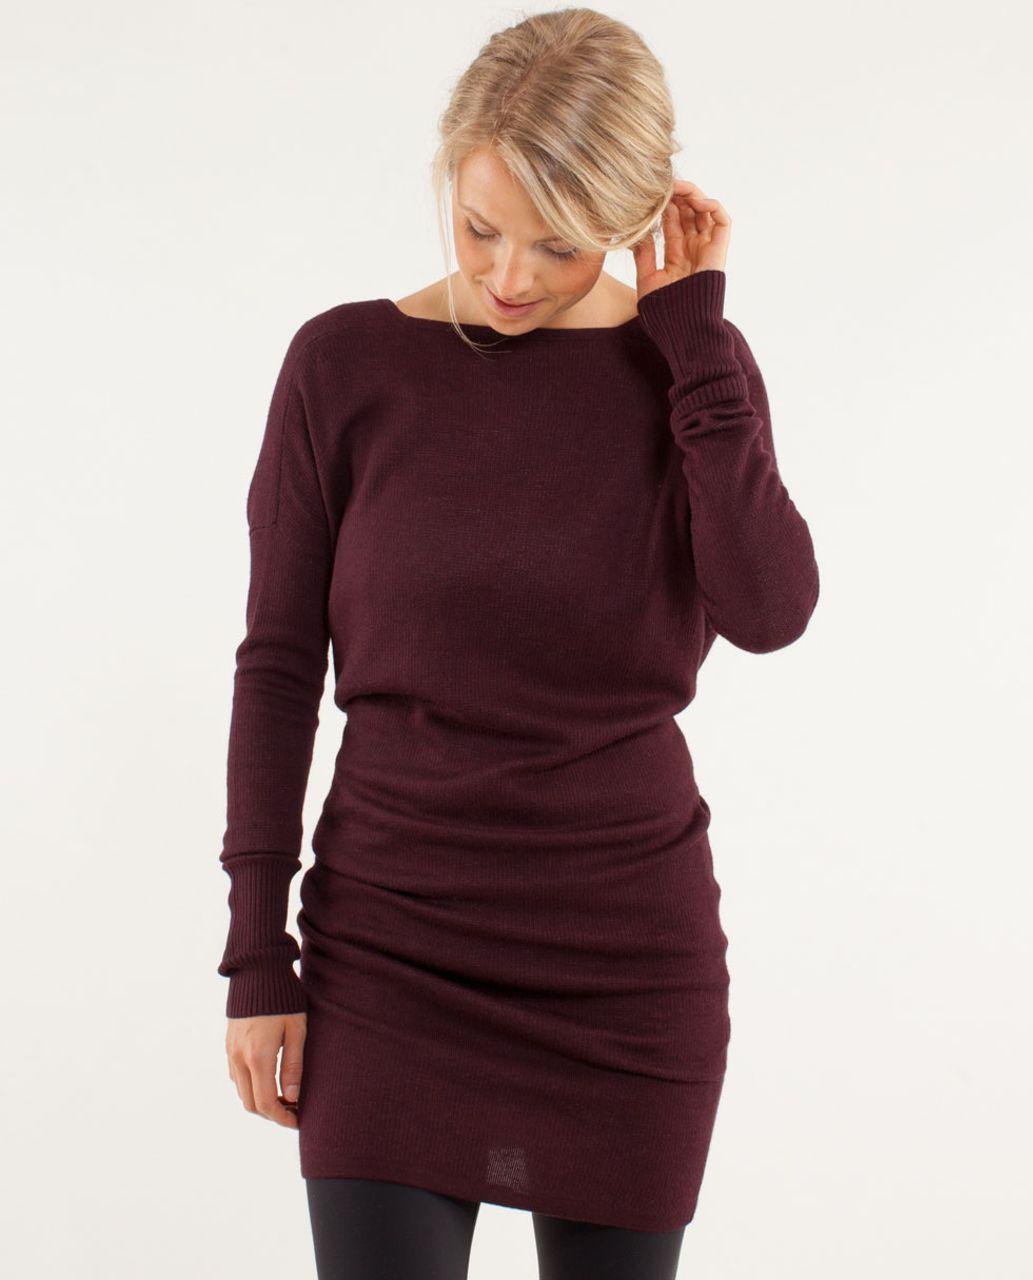 db2b832564f Lululemon Serenity Sweater Wrap - Heathered Bordeaux Drama   Heathered  Pretty Pink - lulu fanatics